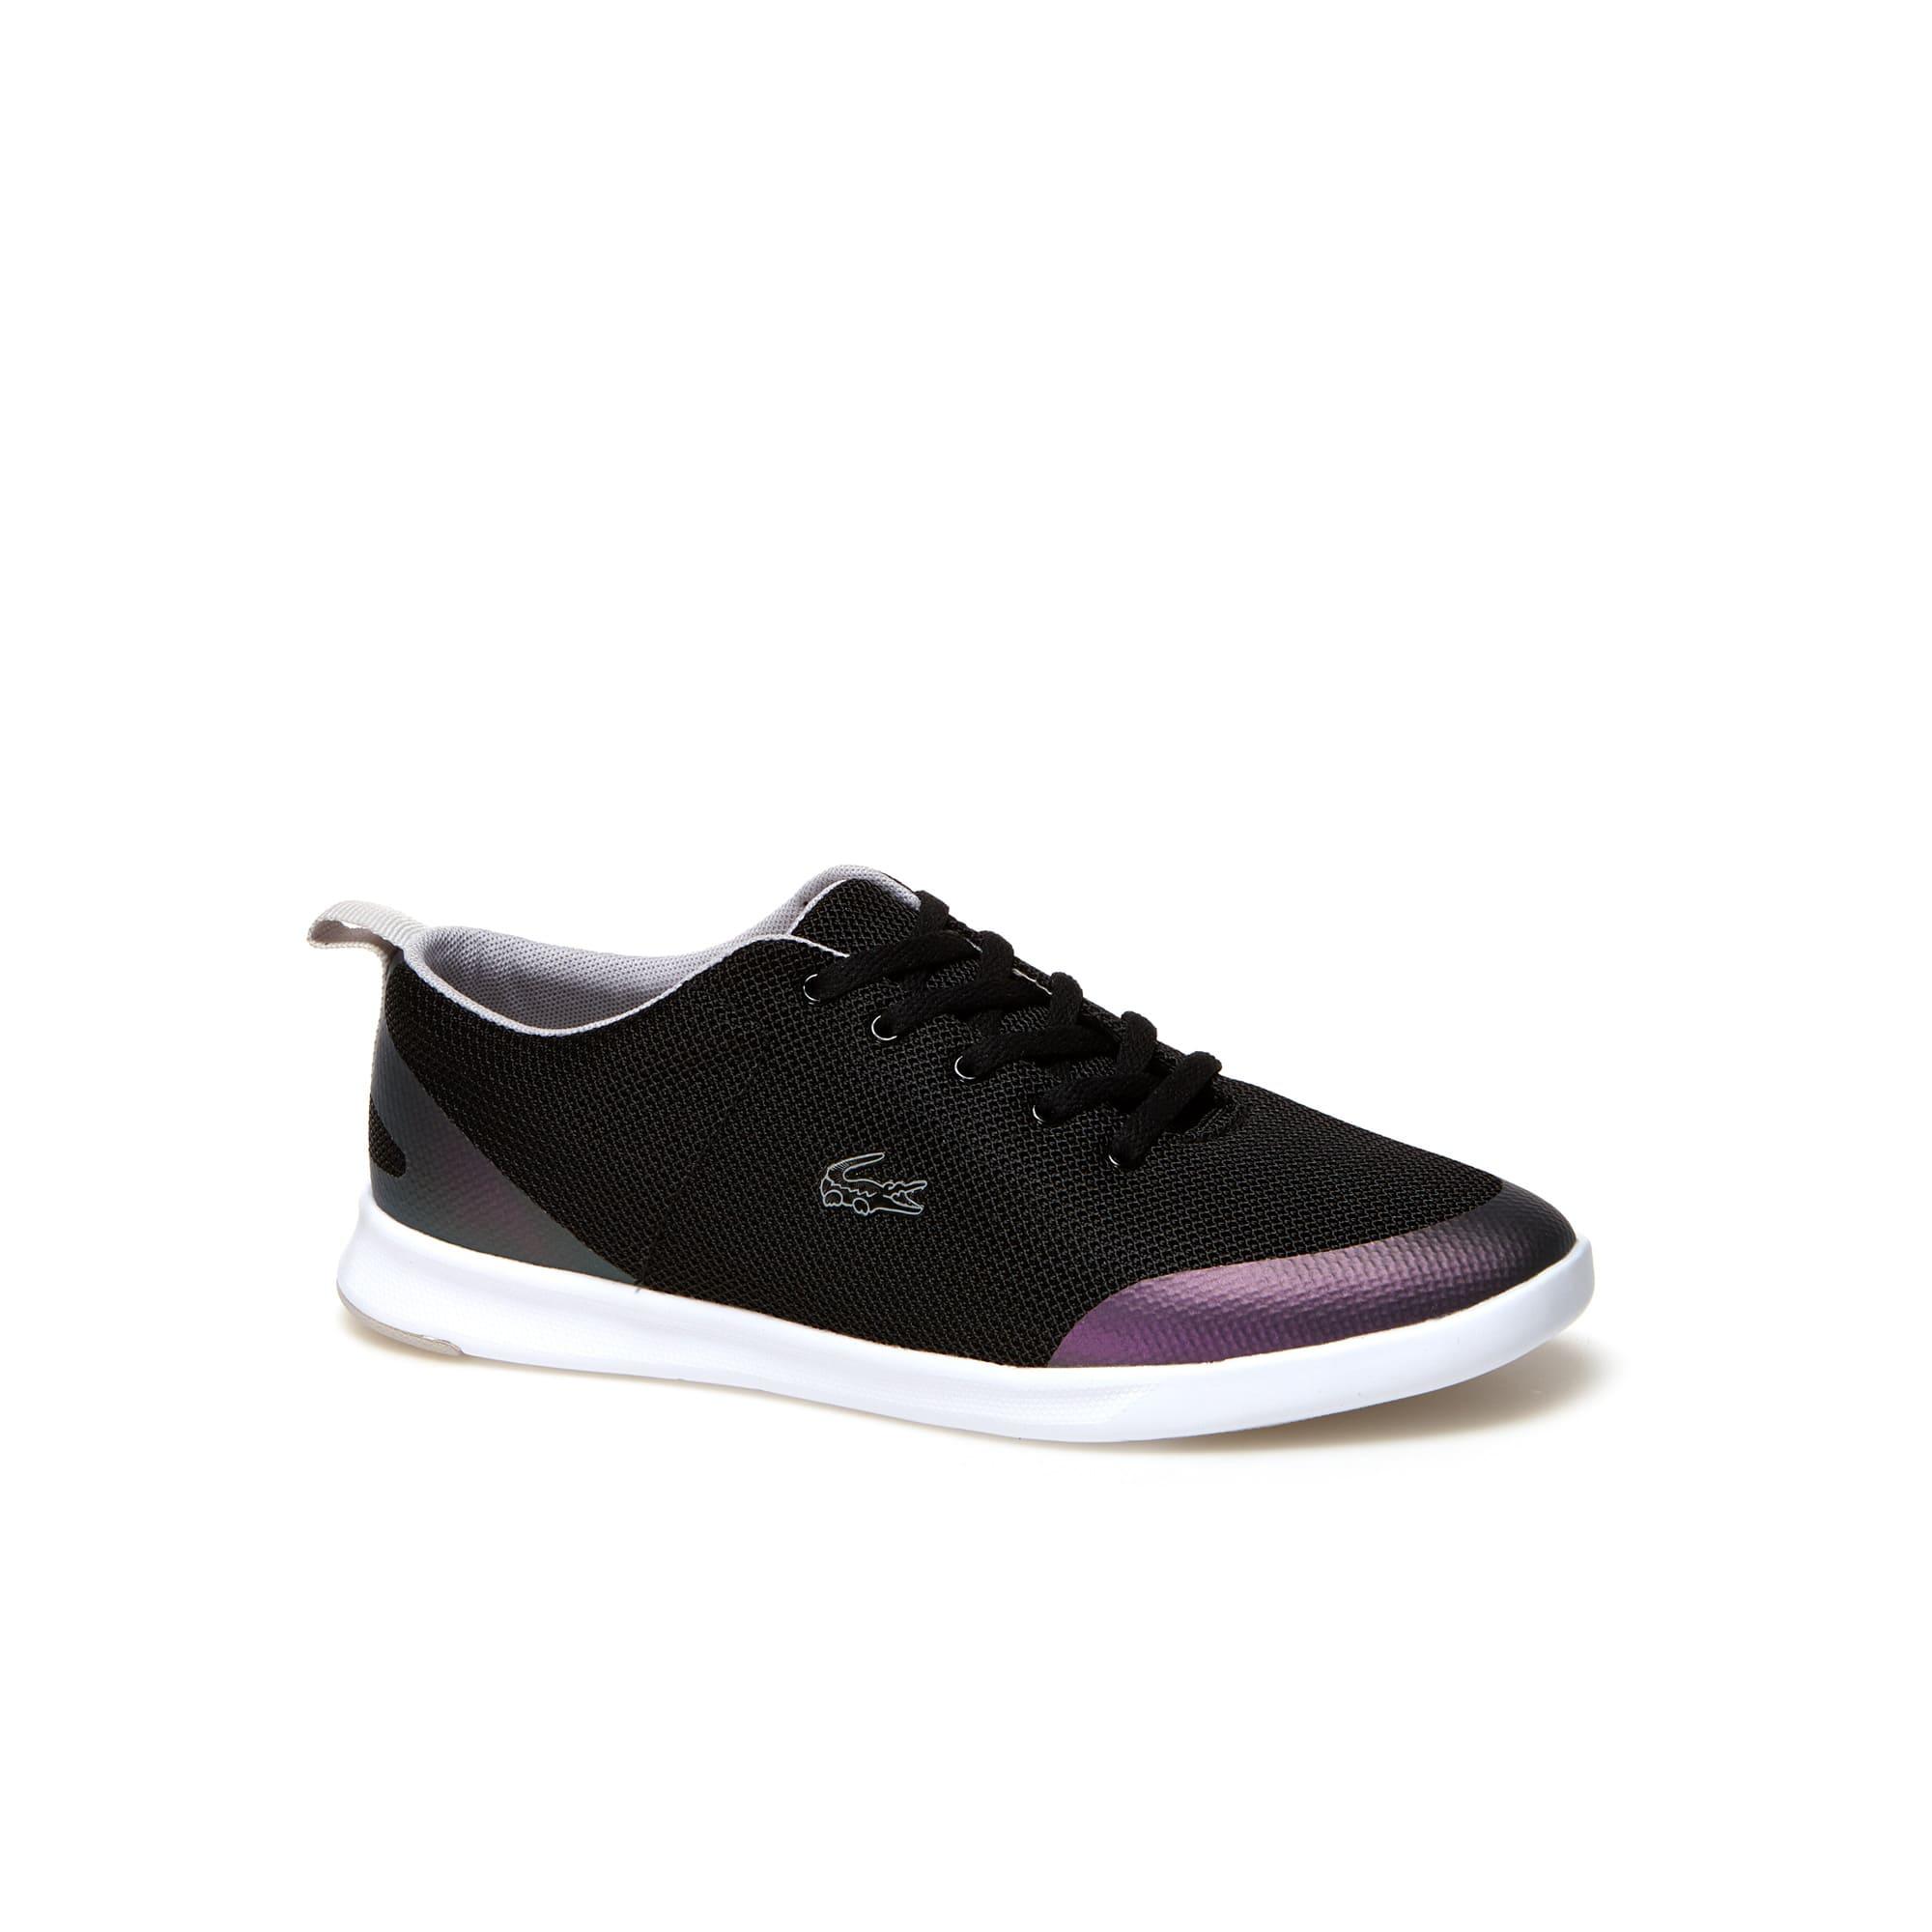 Sneakers Avenir en textile uni